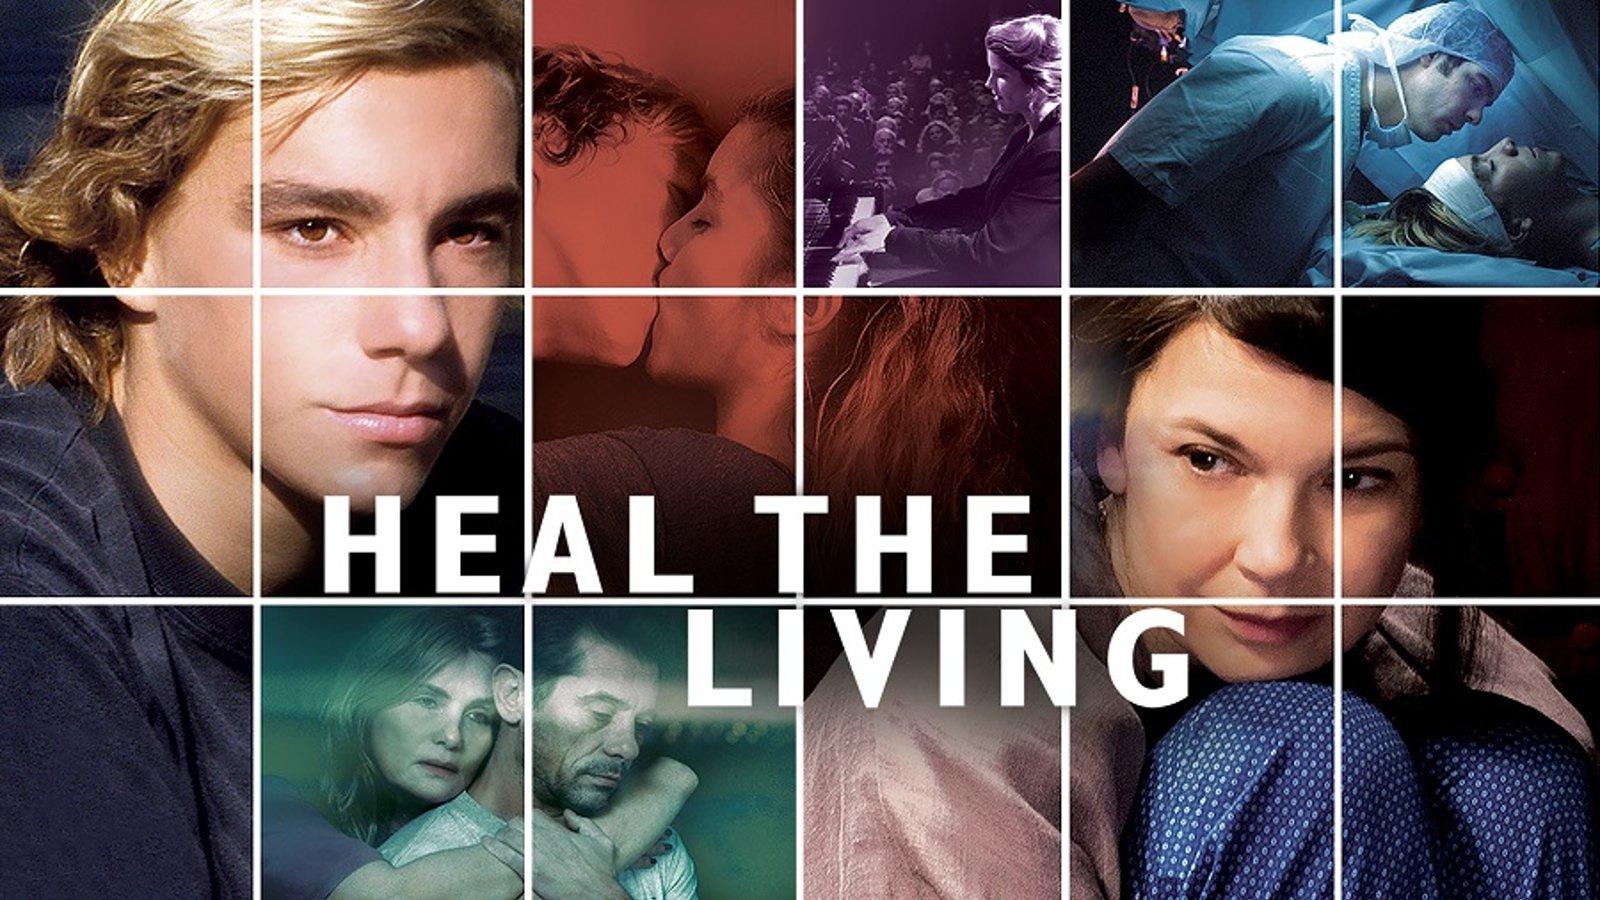 Heal The Living - Réparer les vivants